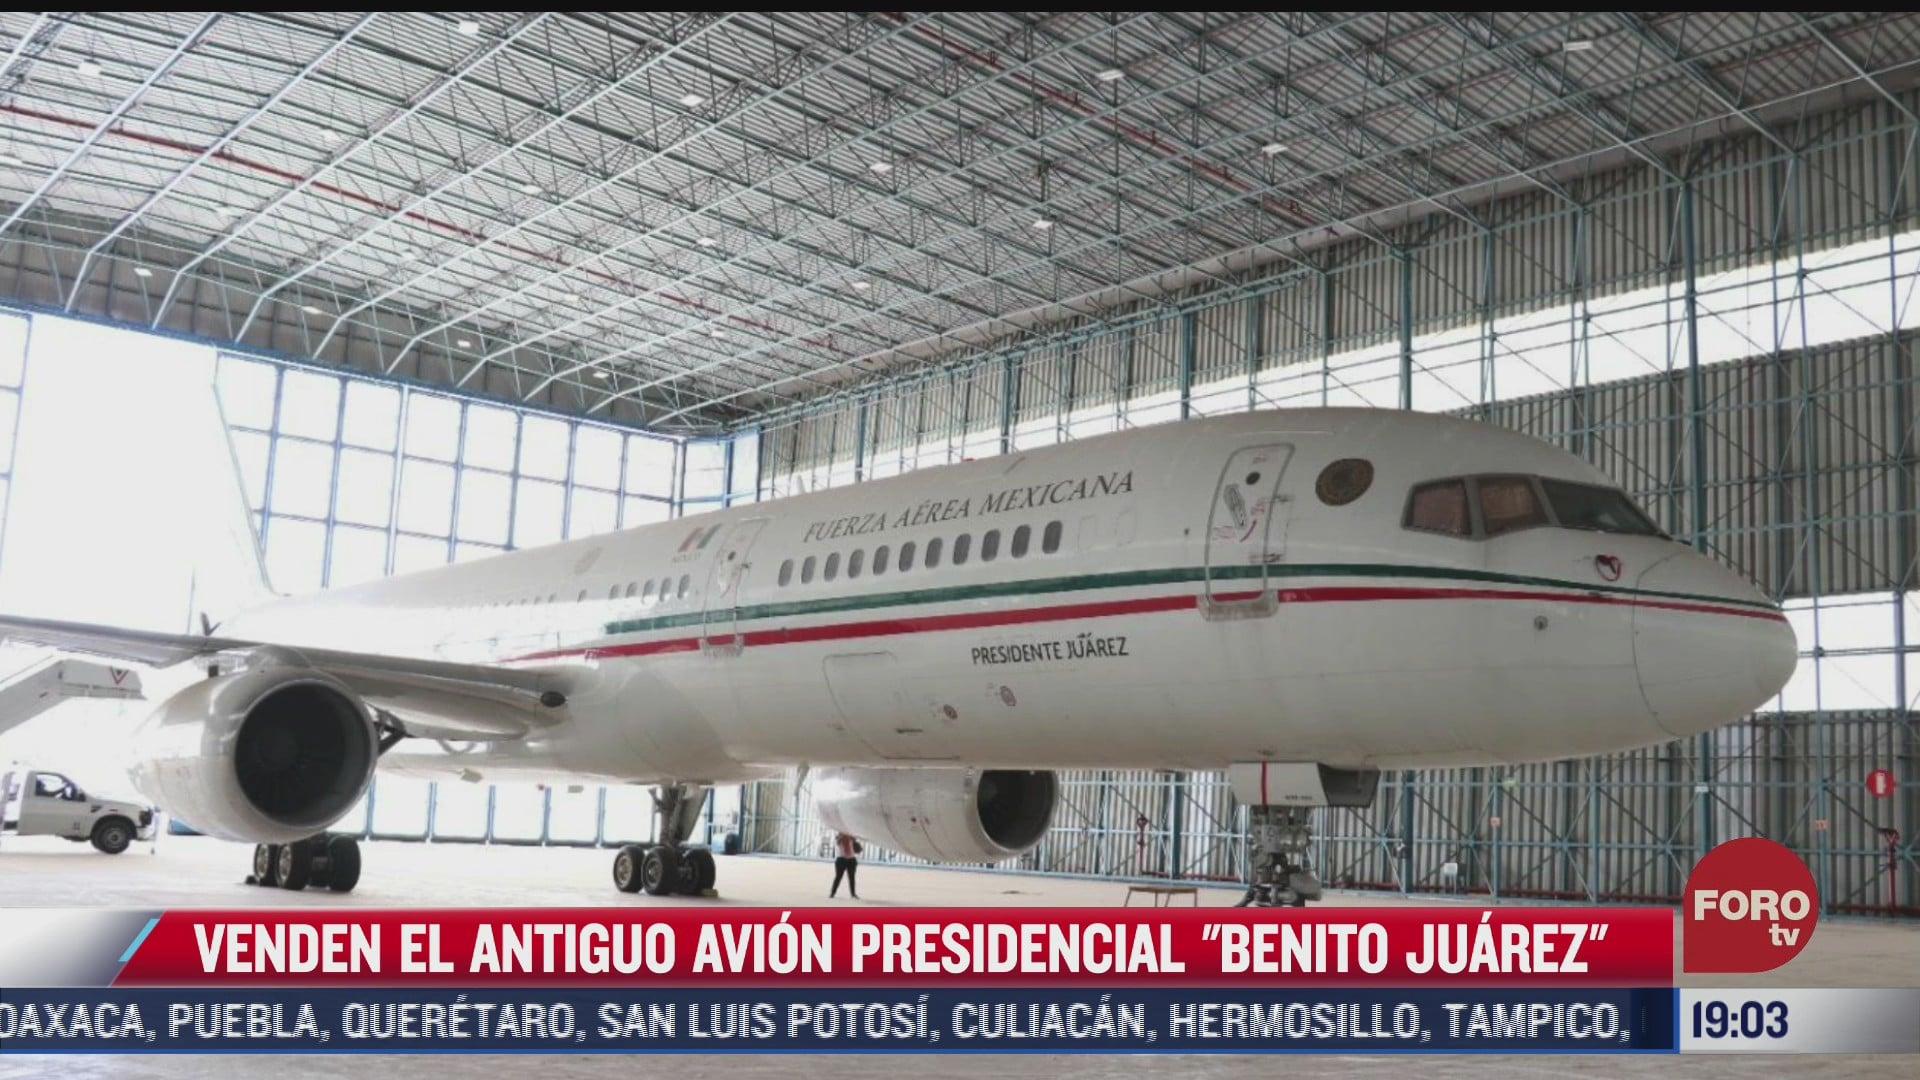 venden antiguo avion presidencial benito juarez